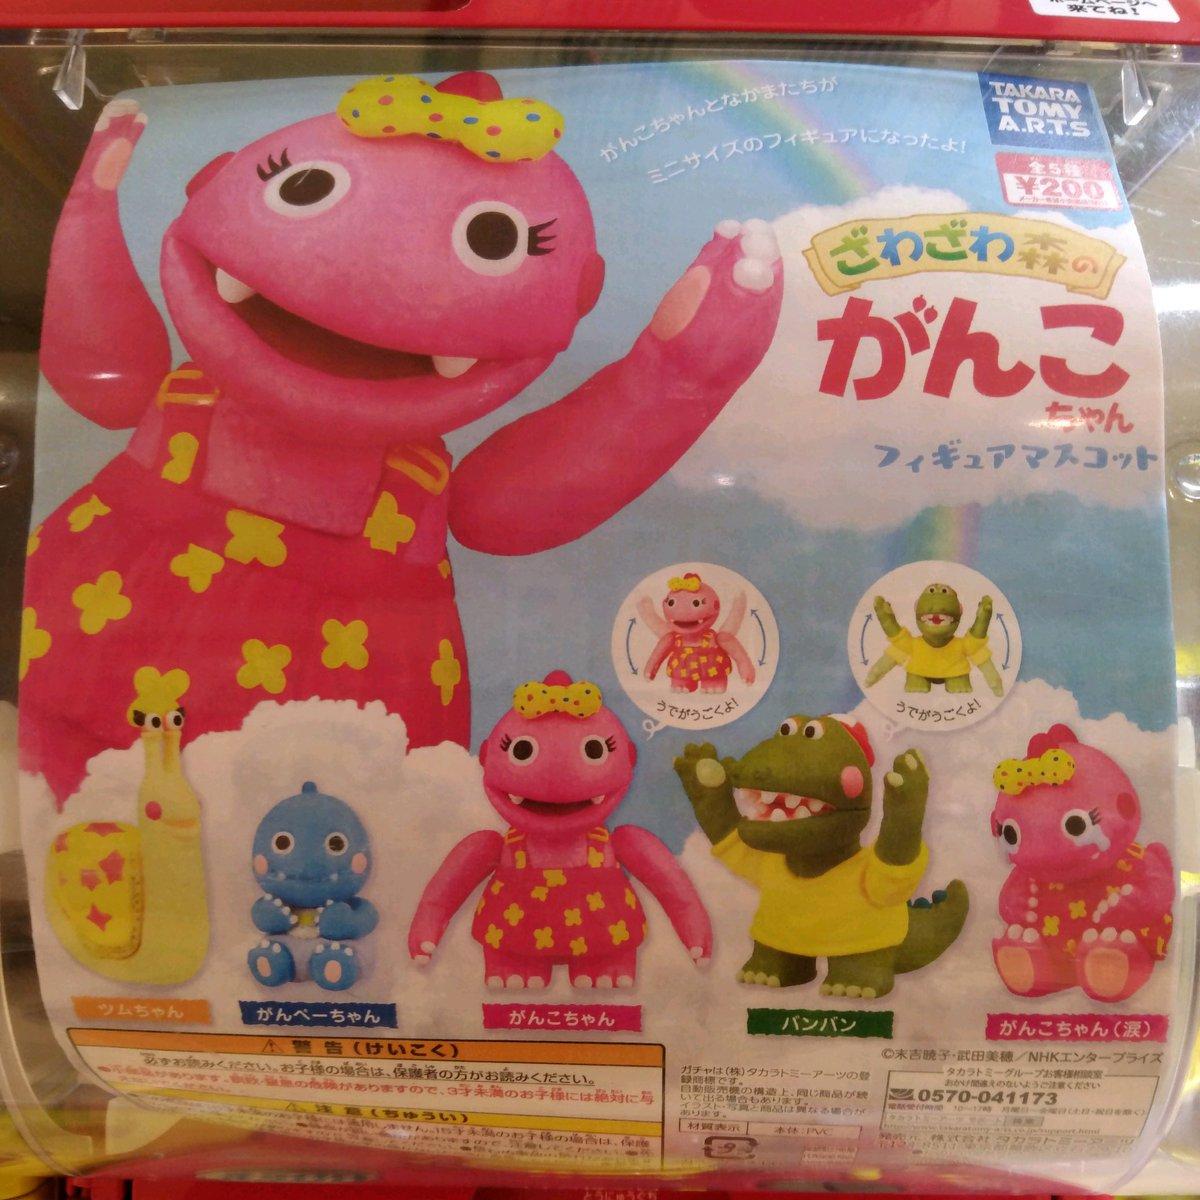 懐かしいガチャガチャ💕 ¥200 ざわざわ森のがんこちゃん